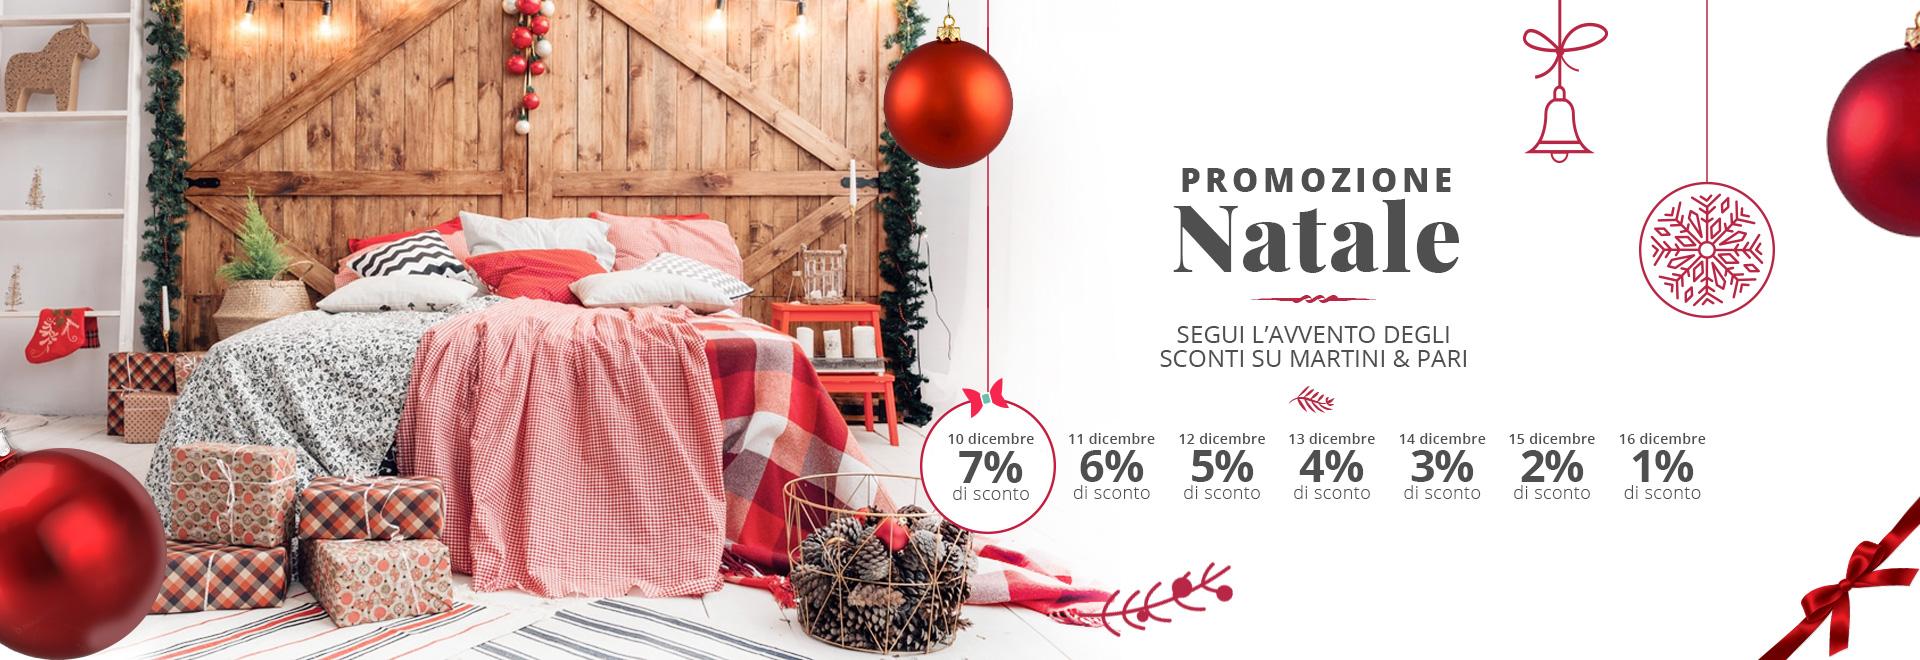 Promozione di Natale e calendario avvento Martiniepari